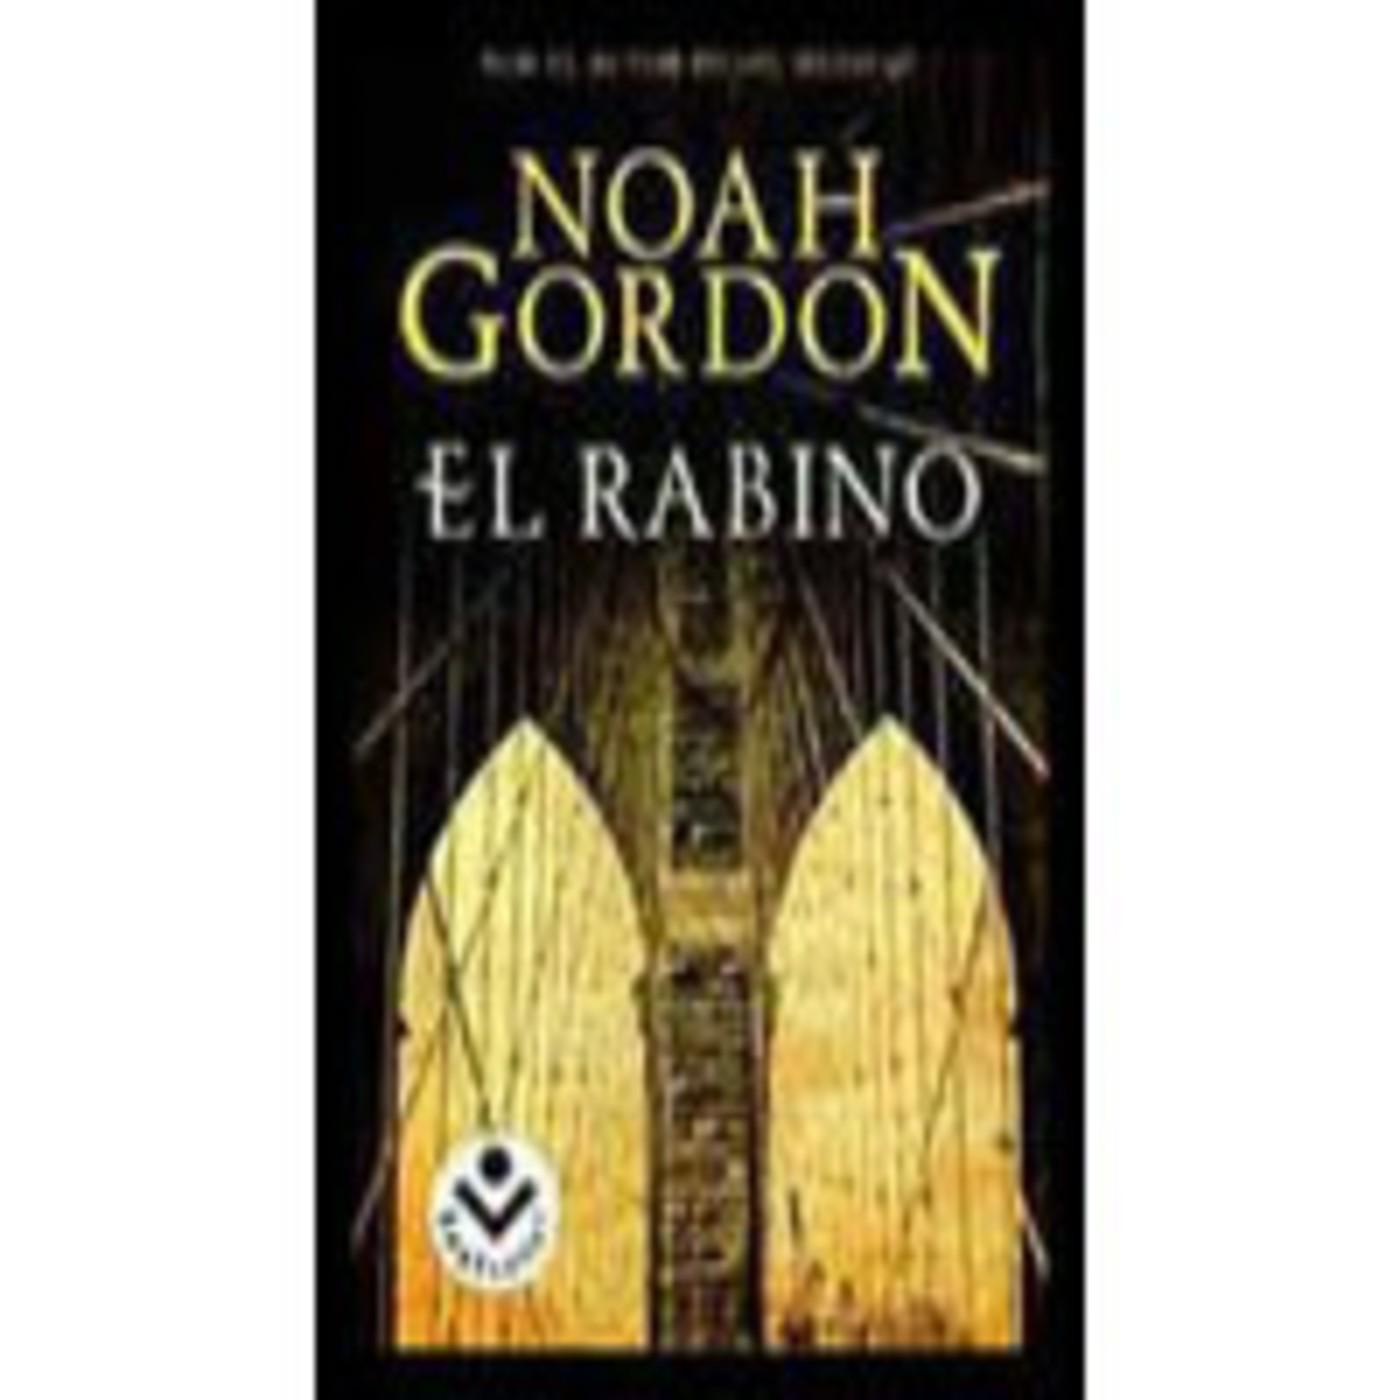 DESCARGAR EL RABINO NOAH GORDON EBOOK DOWNLOAD